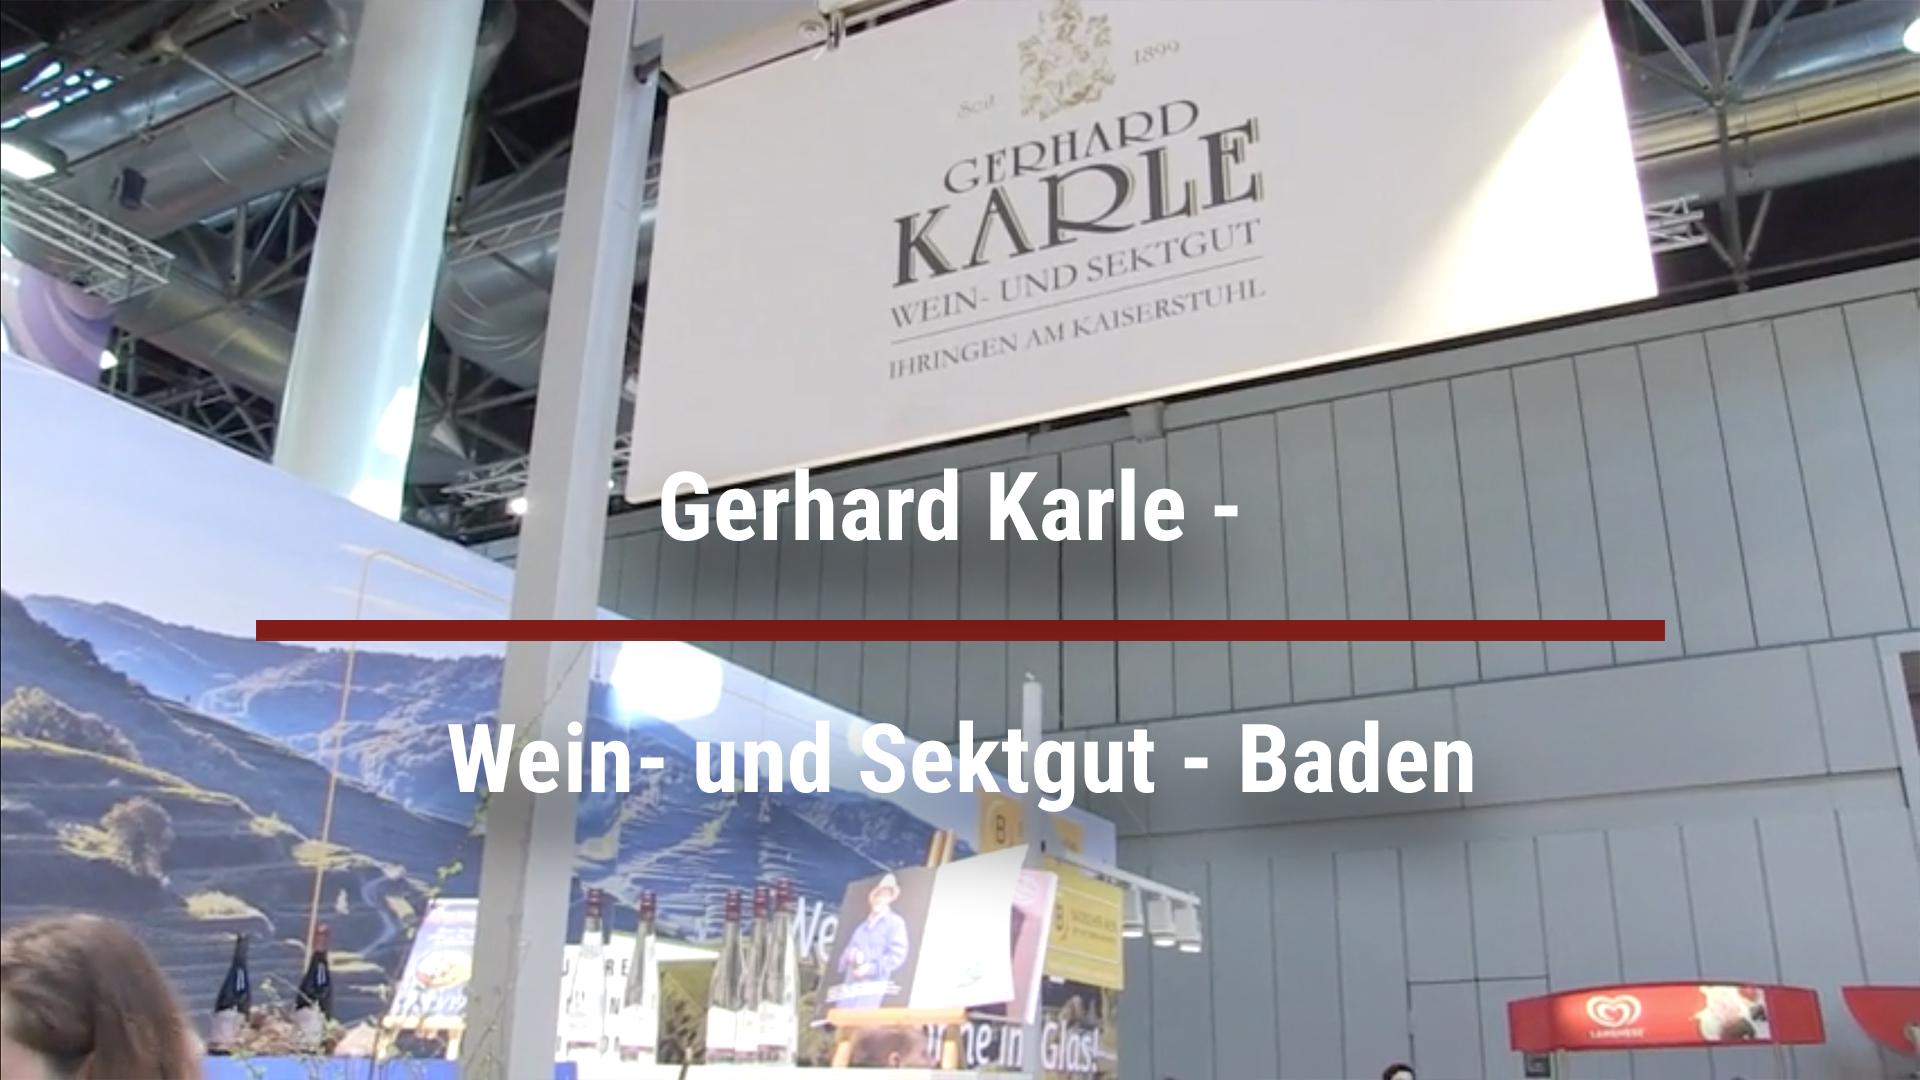 Gerhard Karle – Wein- und Sektgut – Baden